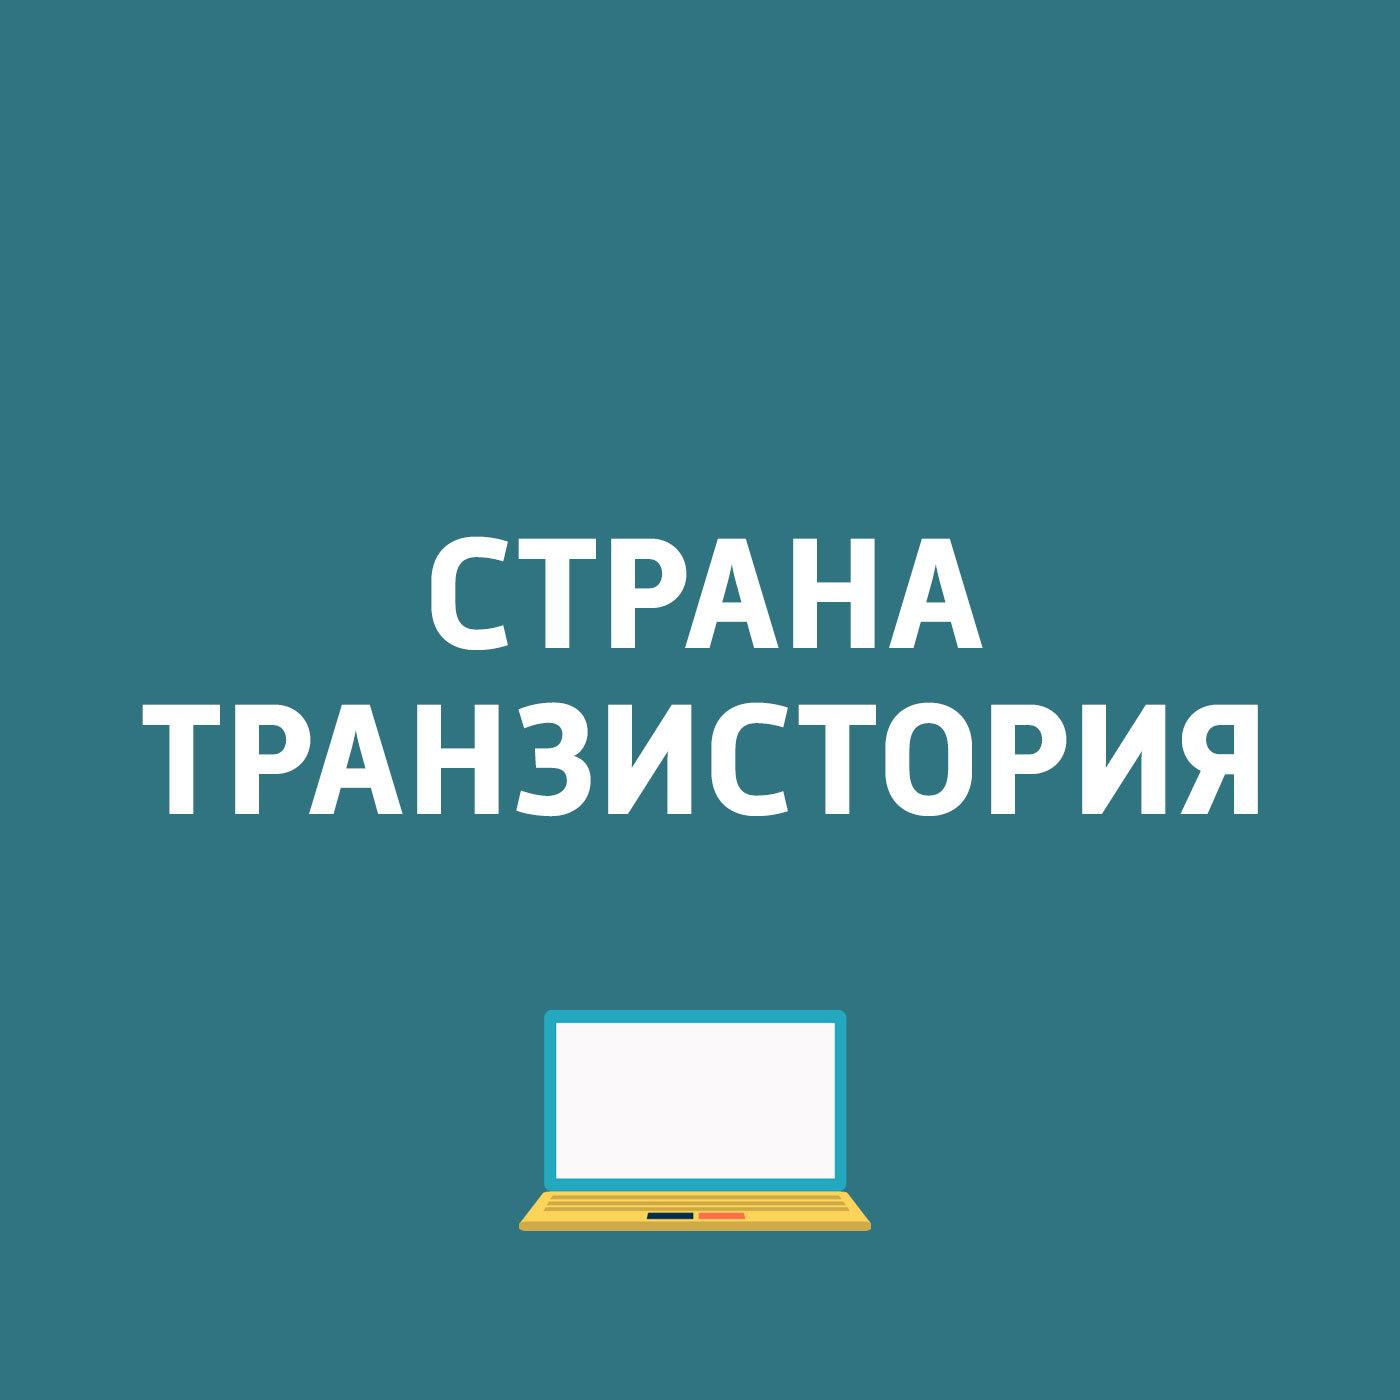 Картаев Павел Функции Windows 10; Василий Уткин стал голосом «Яндекс.Навигатор картаев павел функции windows 10 василий уткин стал голосом яндекс навигатор